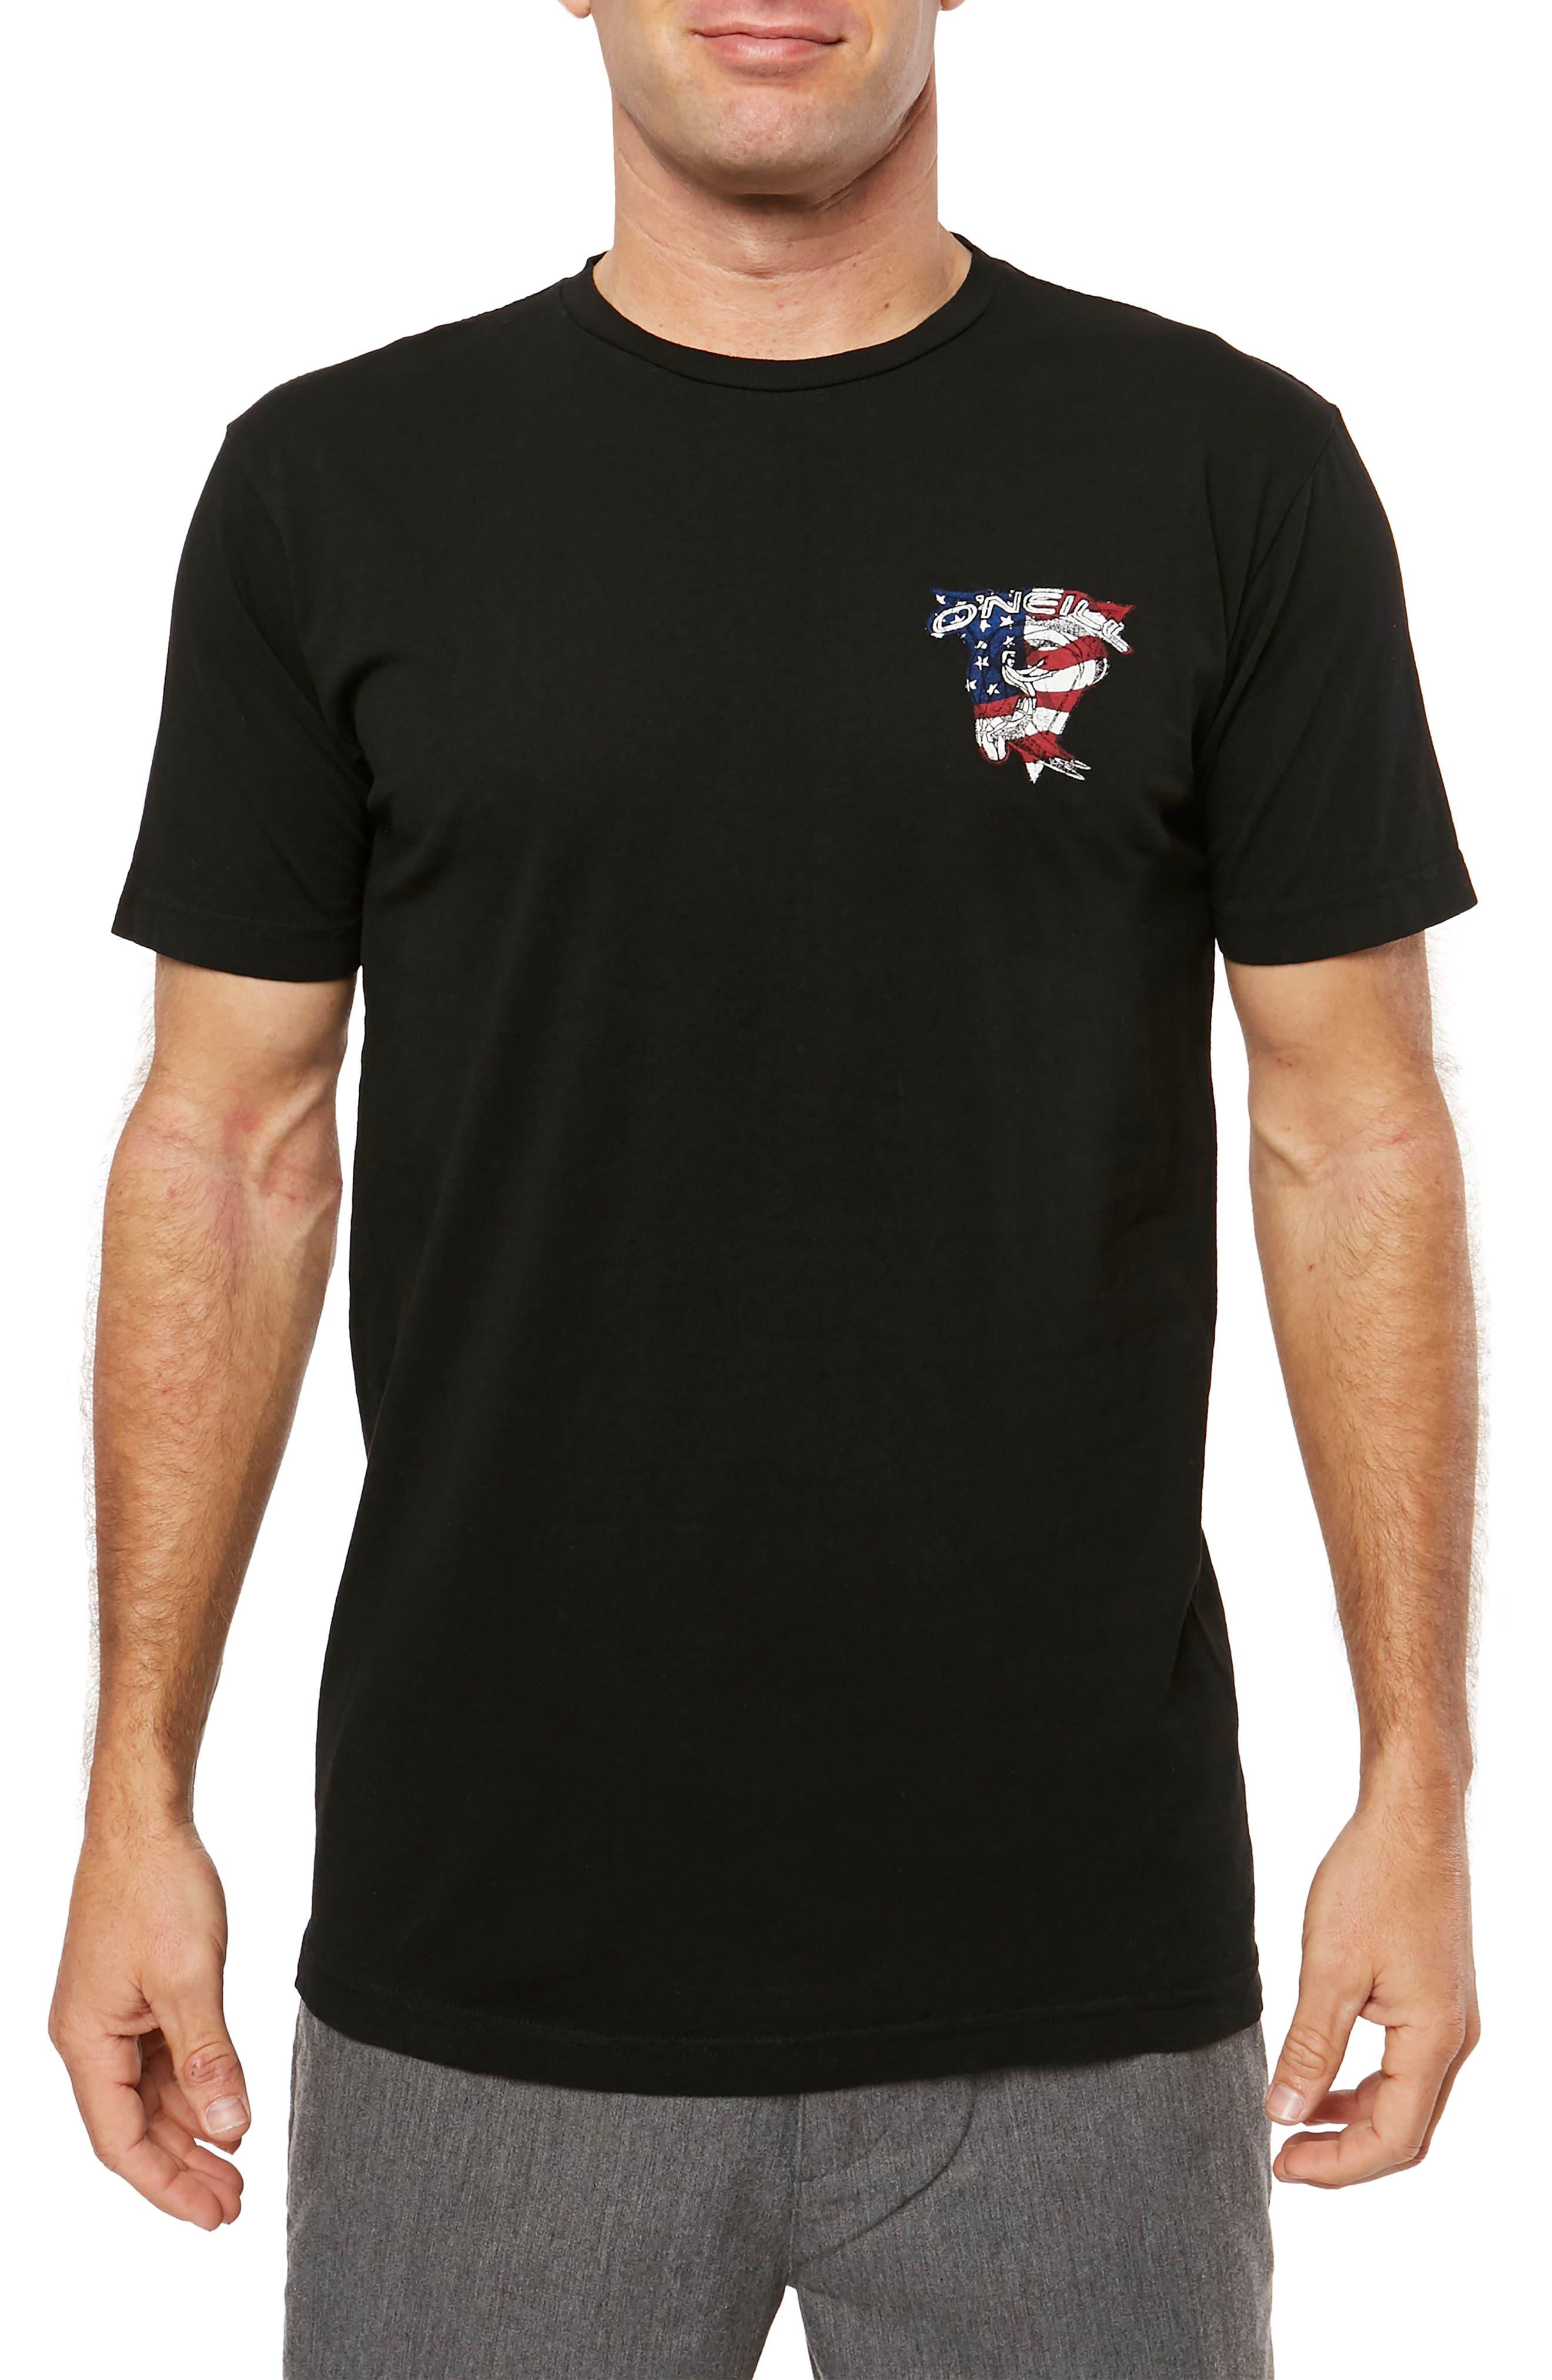 Flagship Graphic T-Shirt,                             Main thumbnail 1, color,                             001